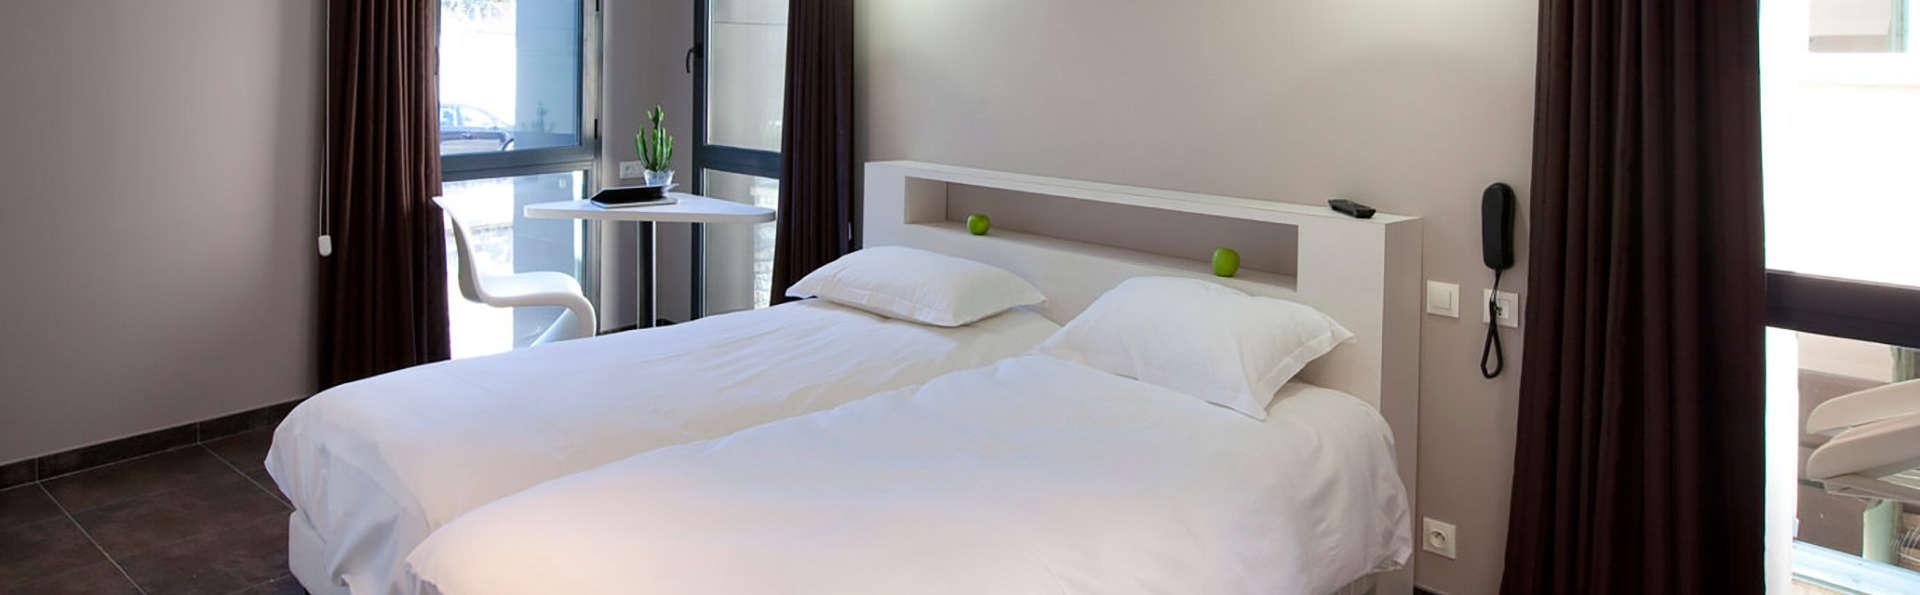 h tel les fleurines h tel de charme villefranche de rouergue. Black Bedroom Furniture Sets. Home Design Ideas